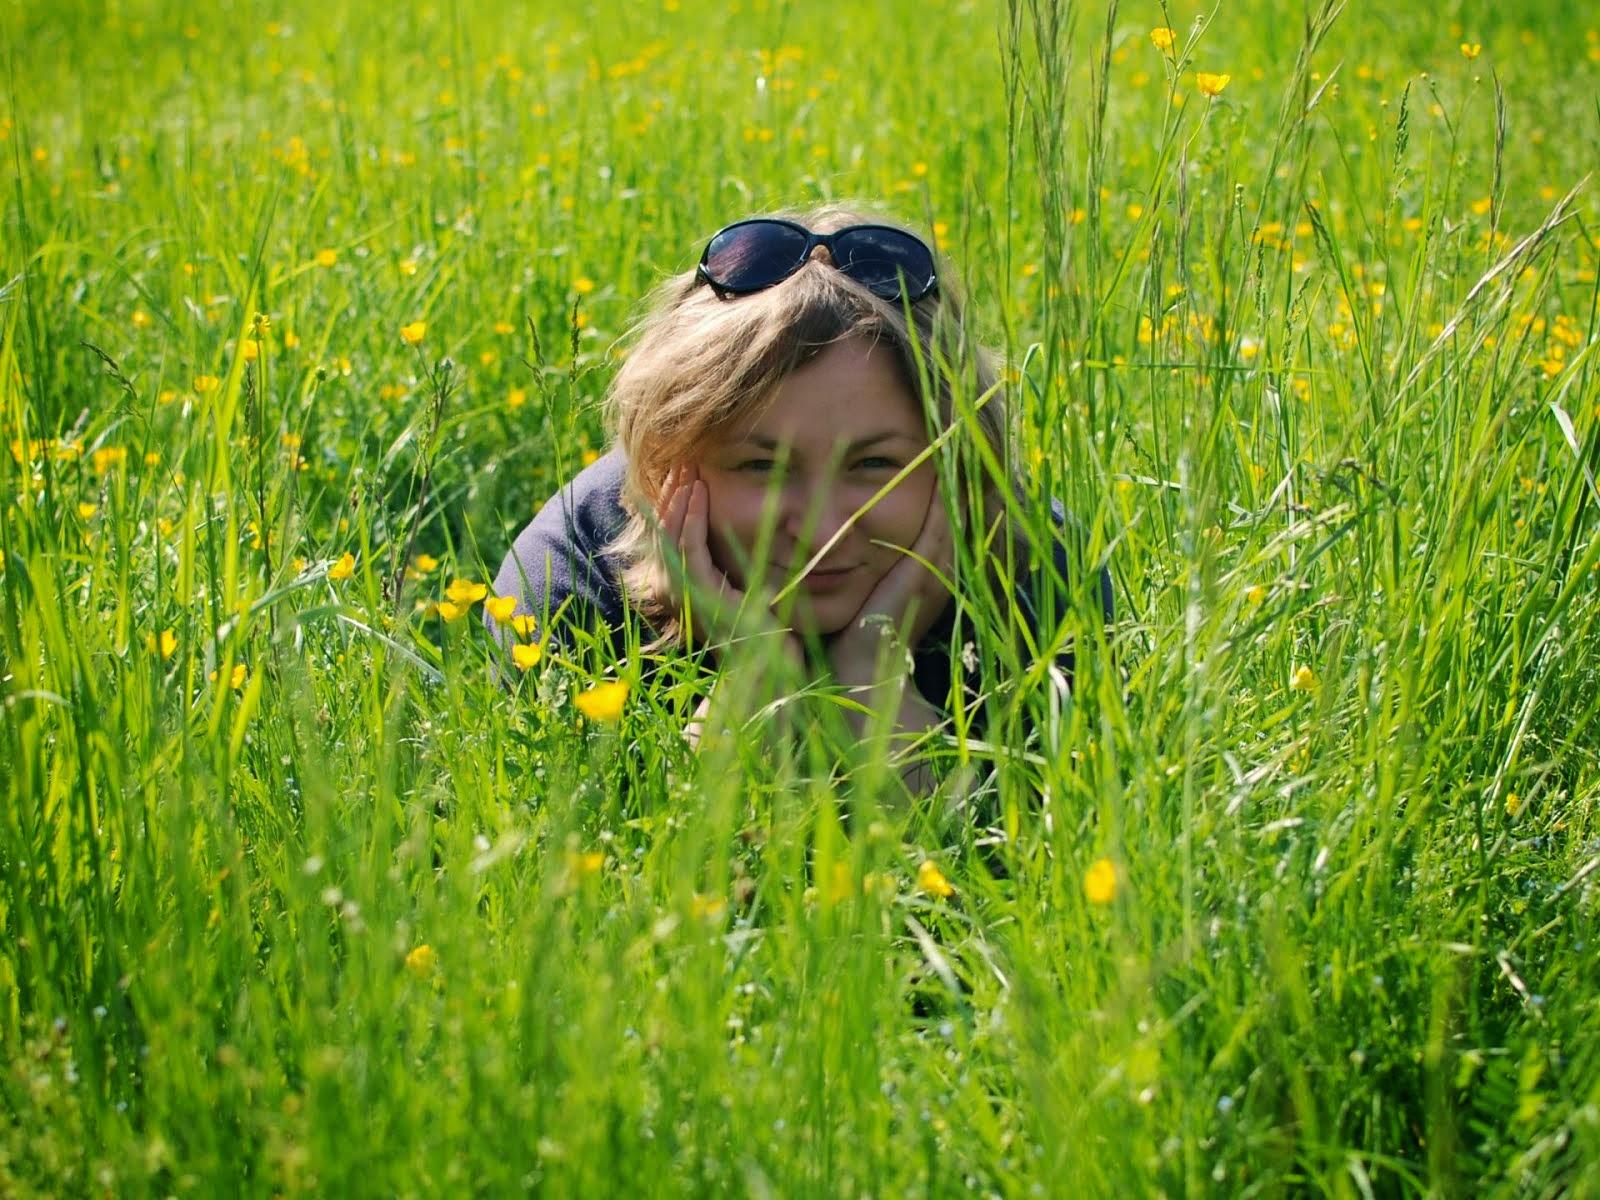 Wywiad ze Szminką w trawie :-)